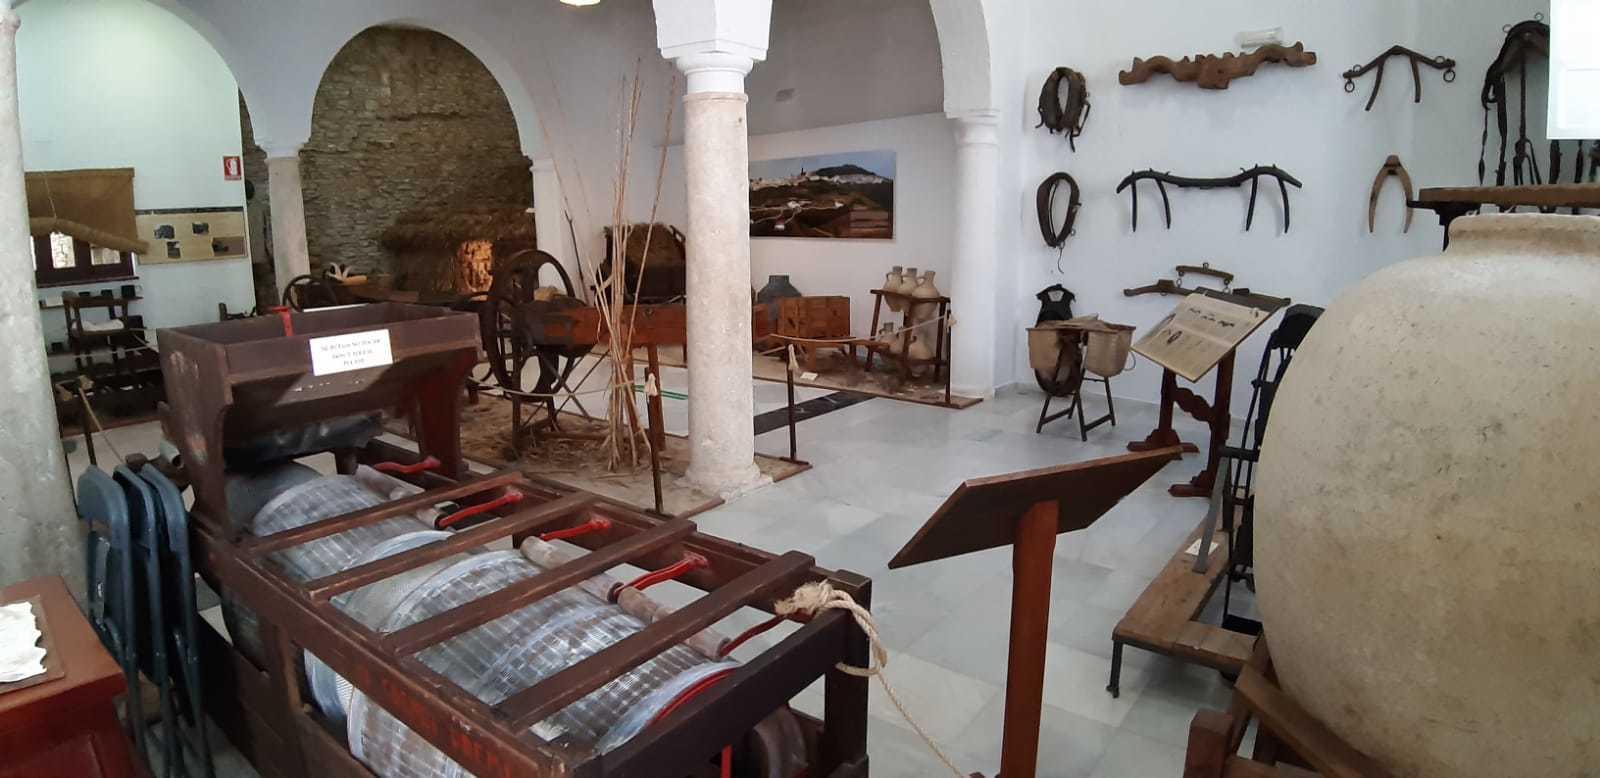 Museo Etnog´rafico de Medina-Sidonia